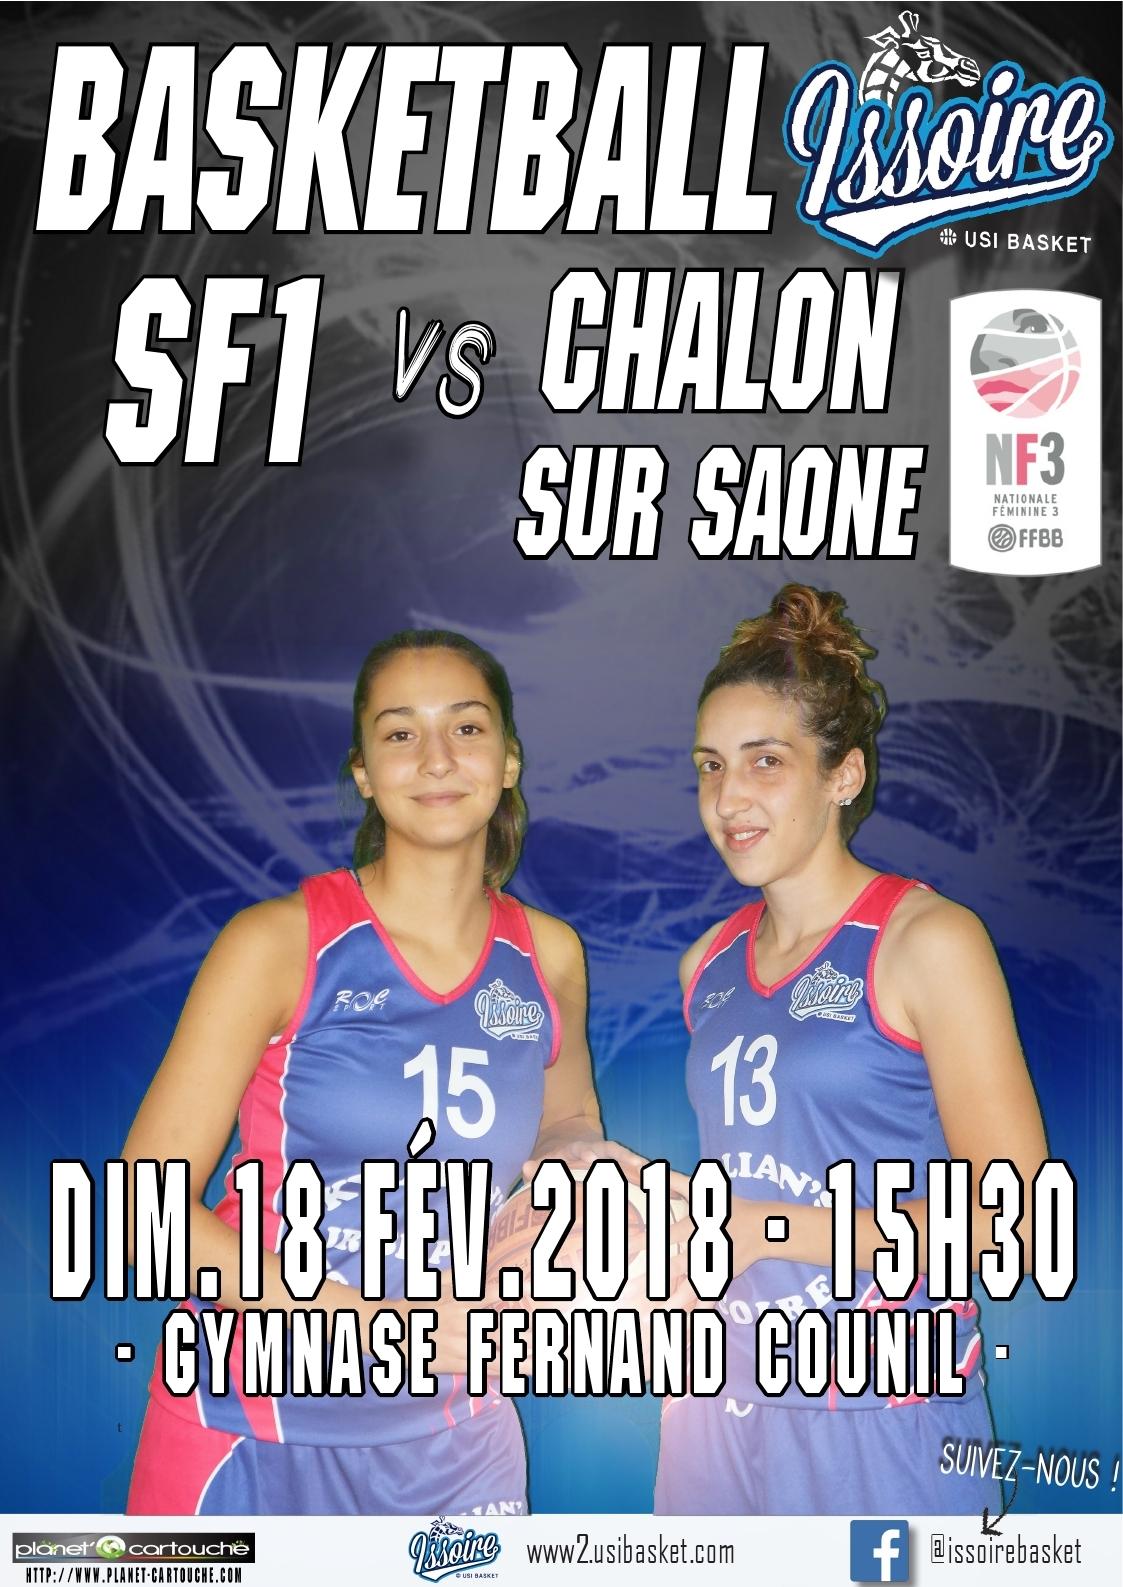 Vs-Chalon-sur-Saone.pdf_page_1